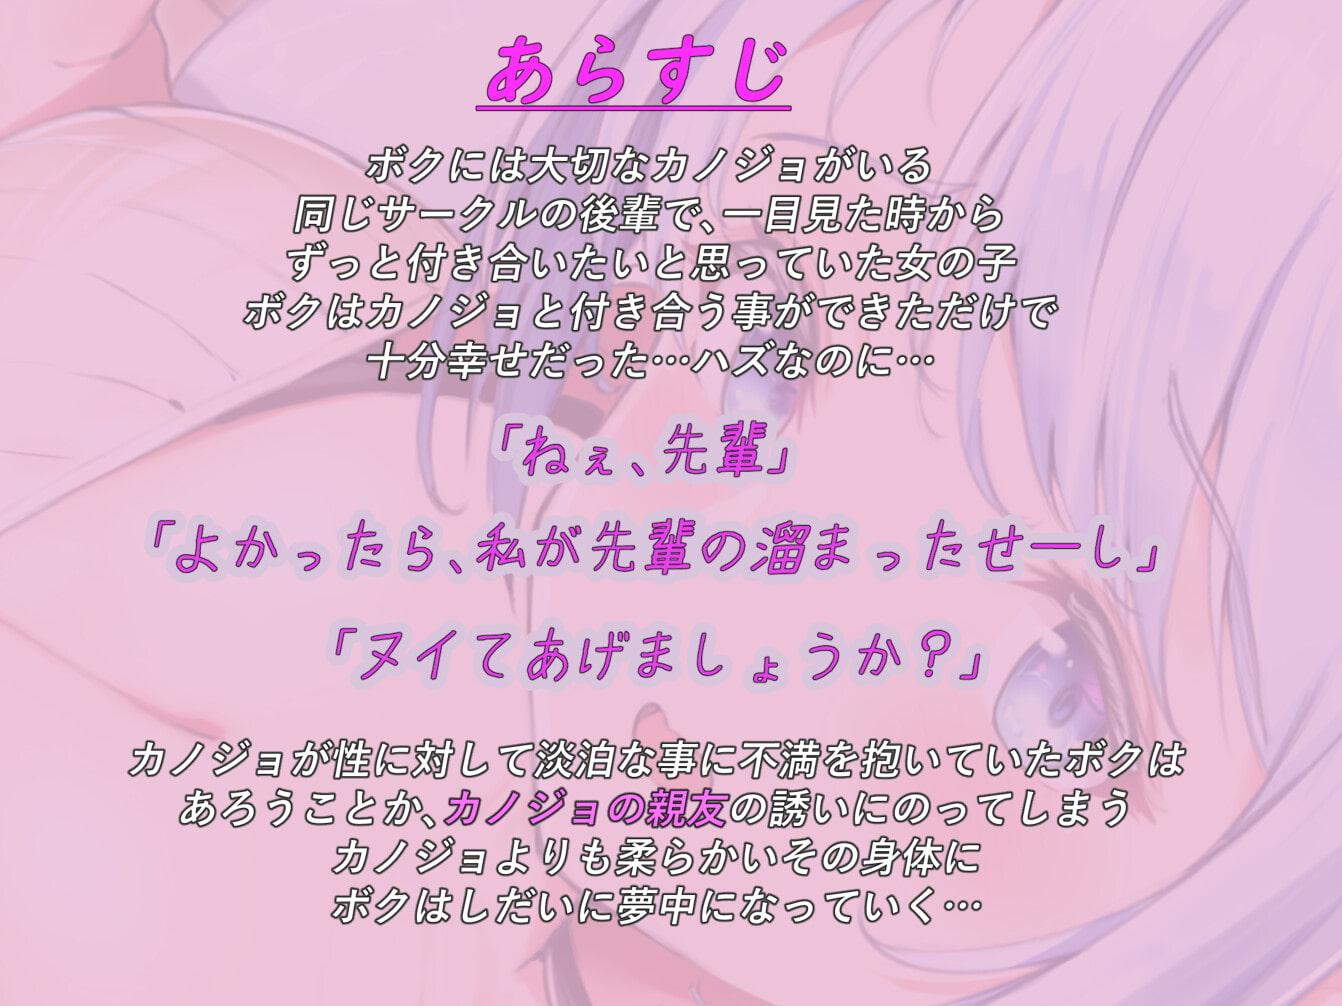 【期間限定 110円】カノジョの親友と背徳えっち